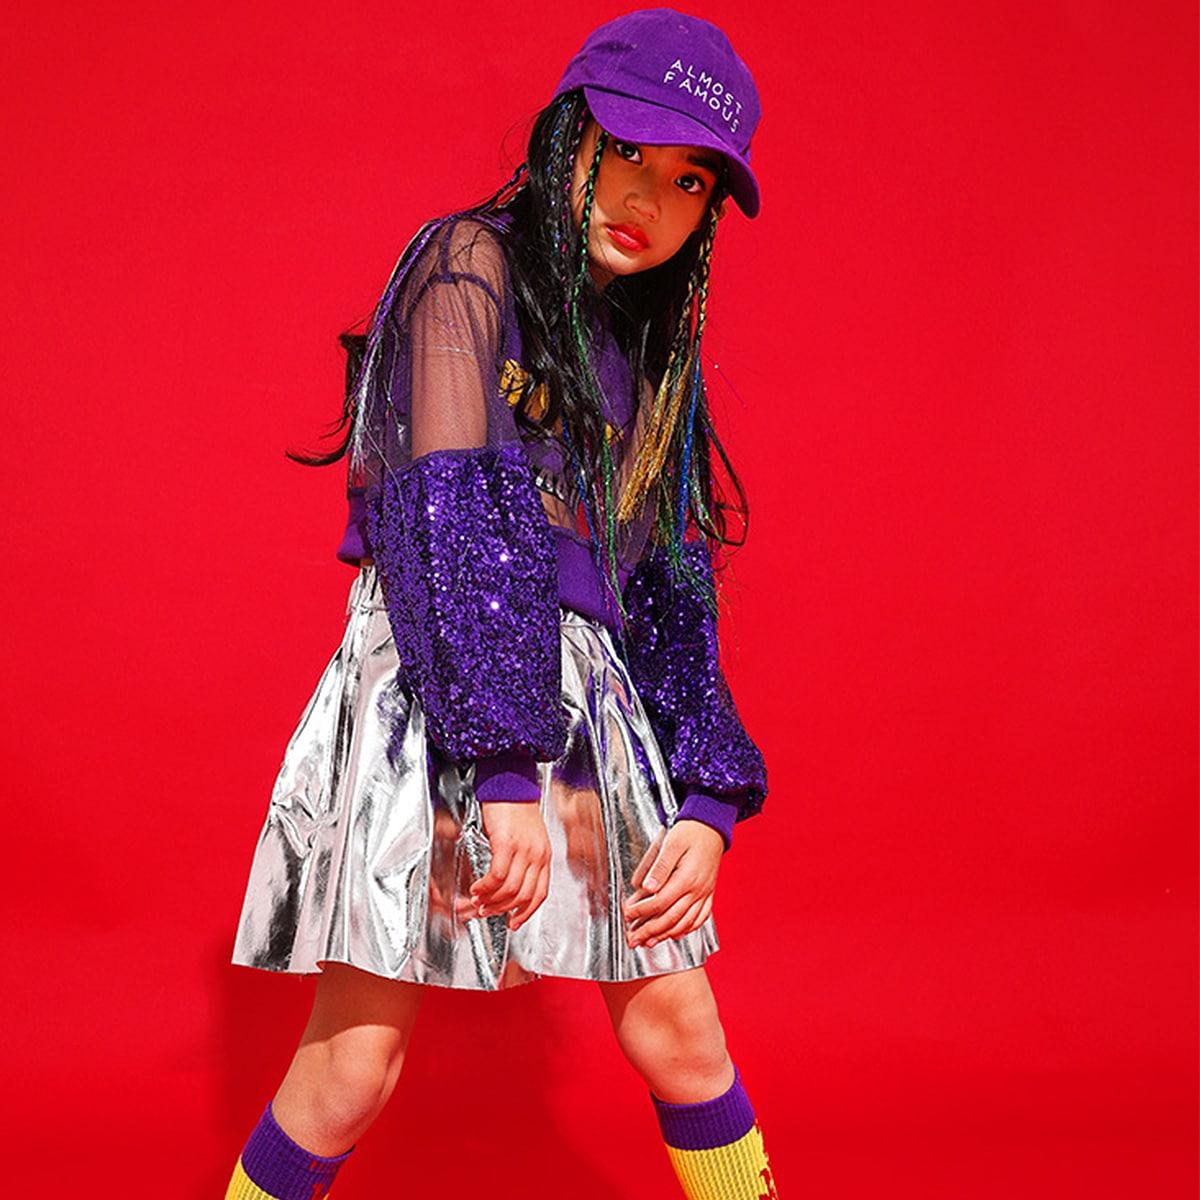 キッズダンス衣装のキラキラスパンコールセットアップ(紫×シルバー)